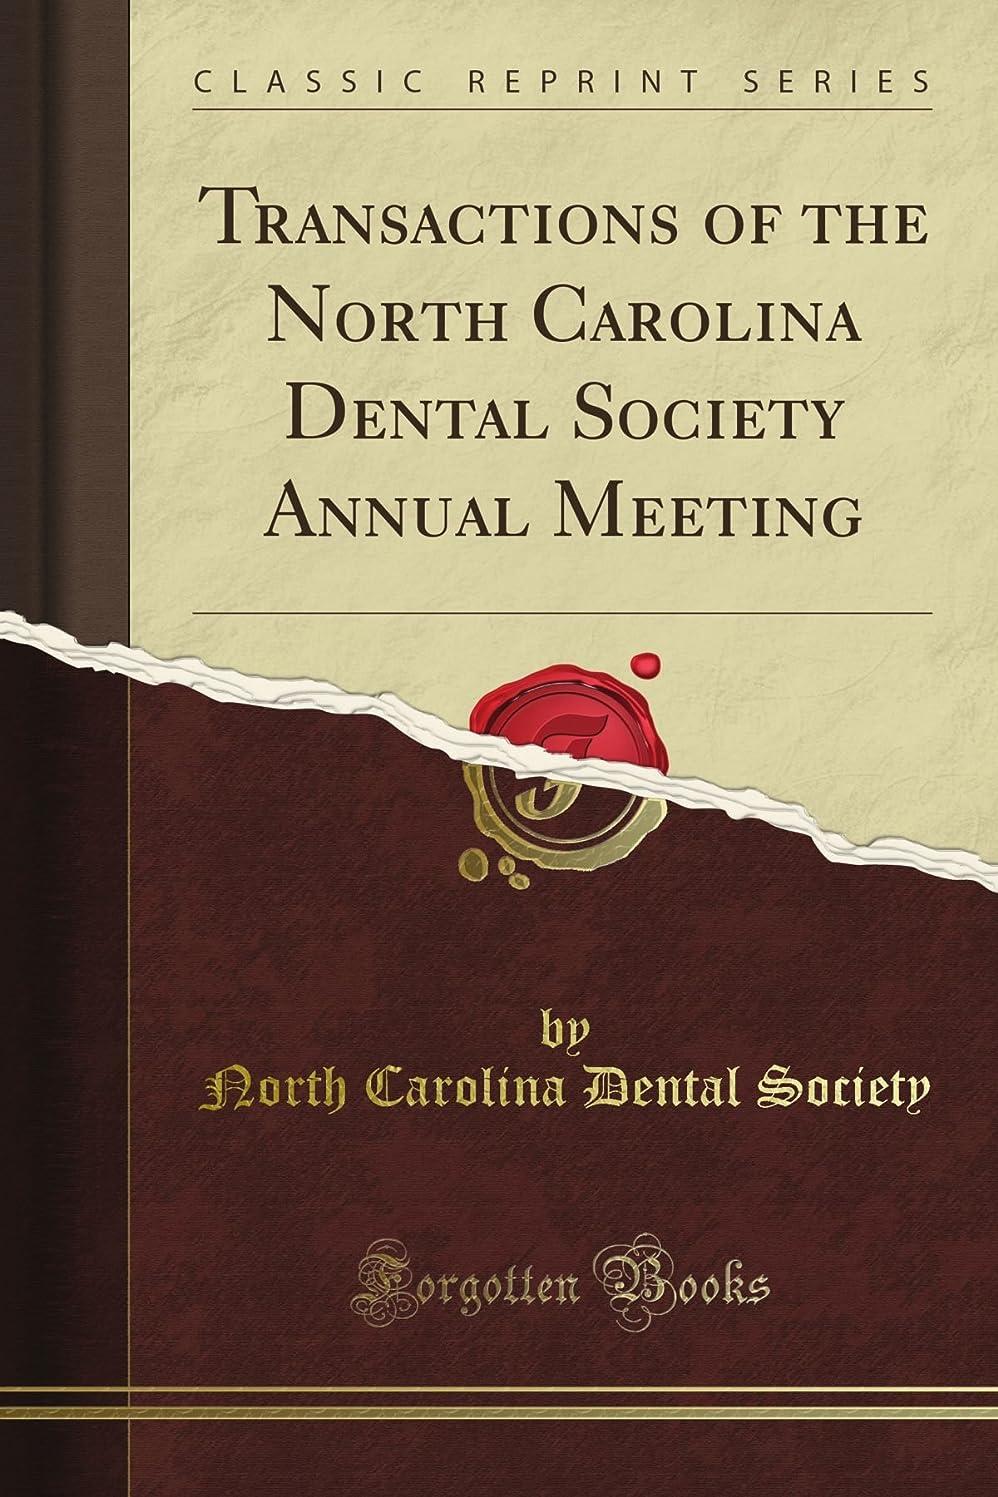 欺くもろい告白するTransactions of the North Carolina Dental Society Annual Meeting (Classic Reprint)